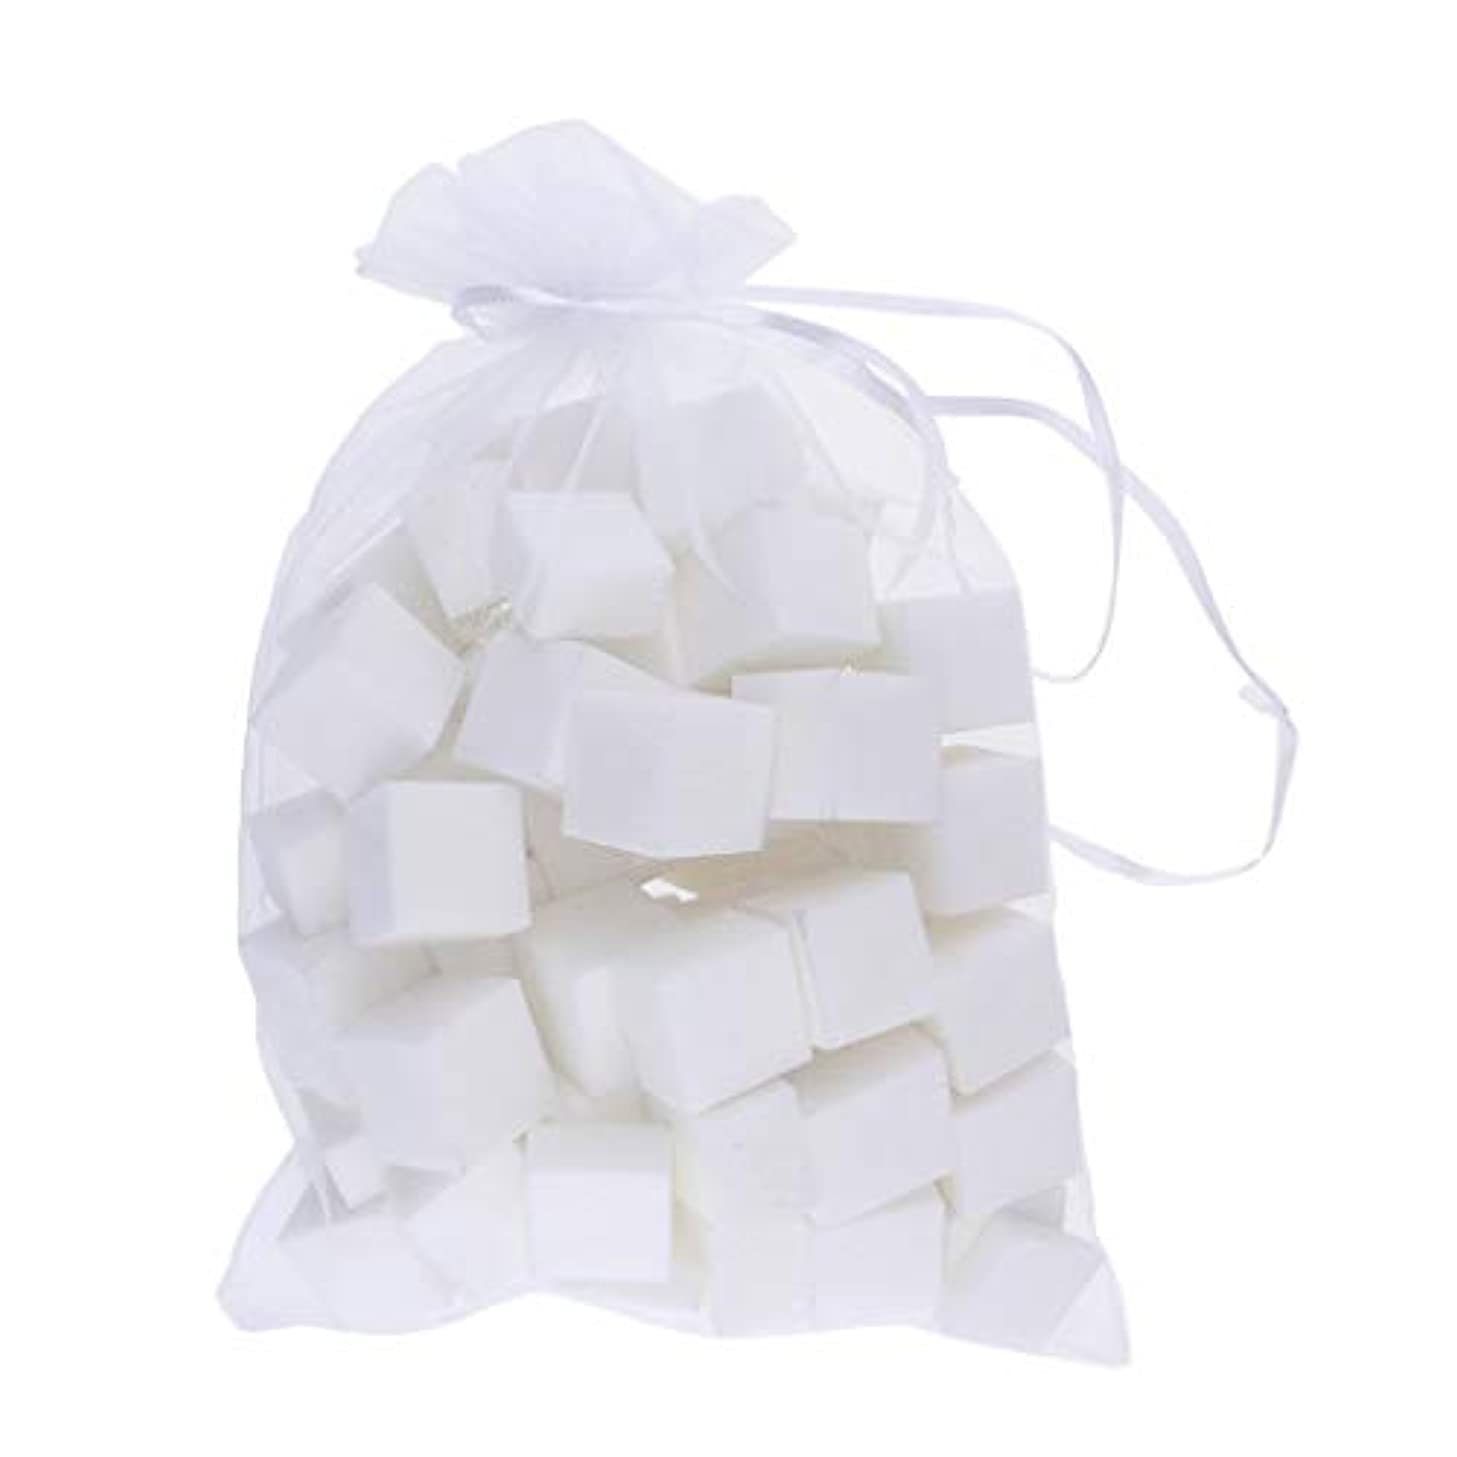 結晶メカニック虫を数える60個/パックミニネイルバッファーポリッシャーブロック4サイド - プロフェッショナル4ウェイバフマニキュアケアホワイトサンディングツールセット